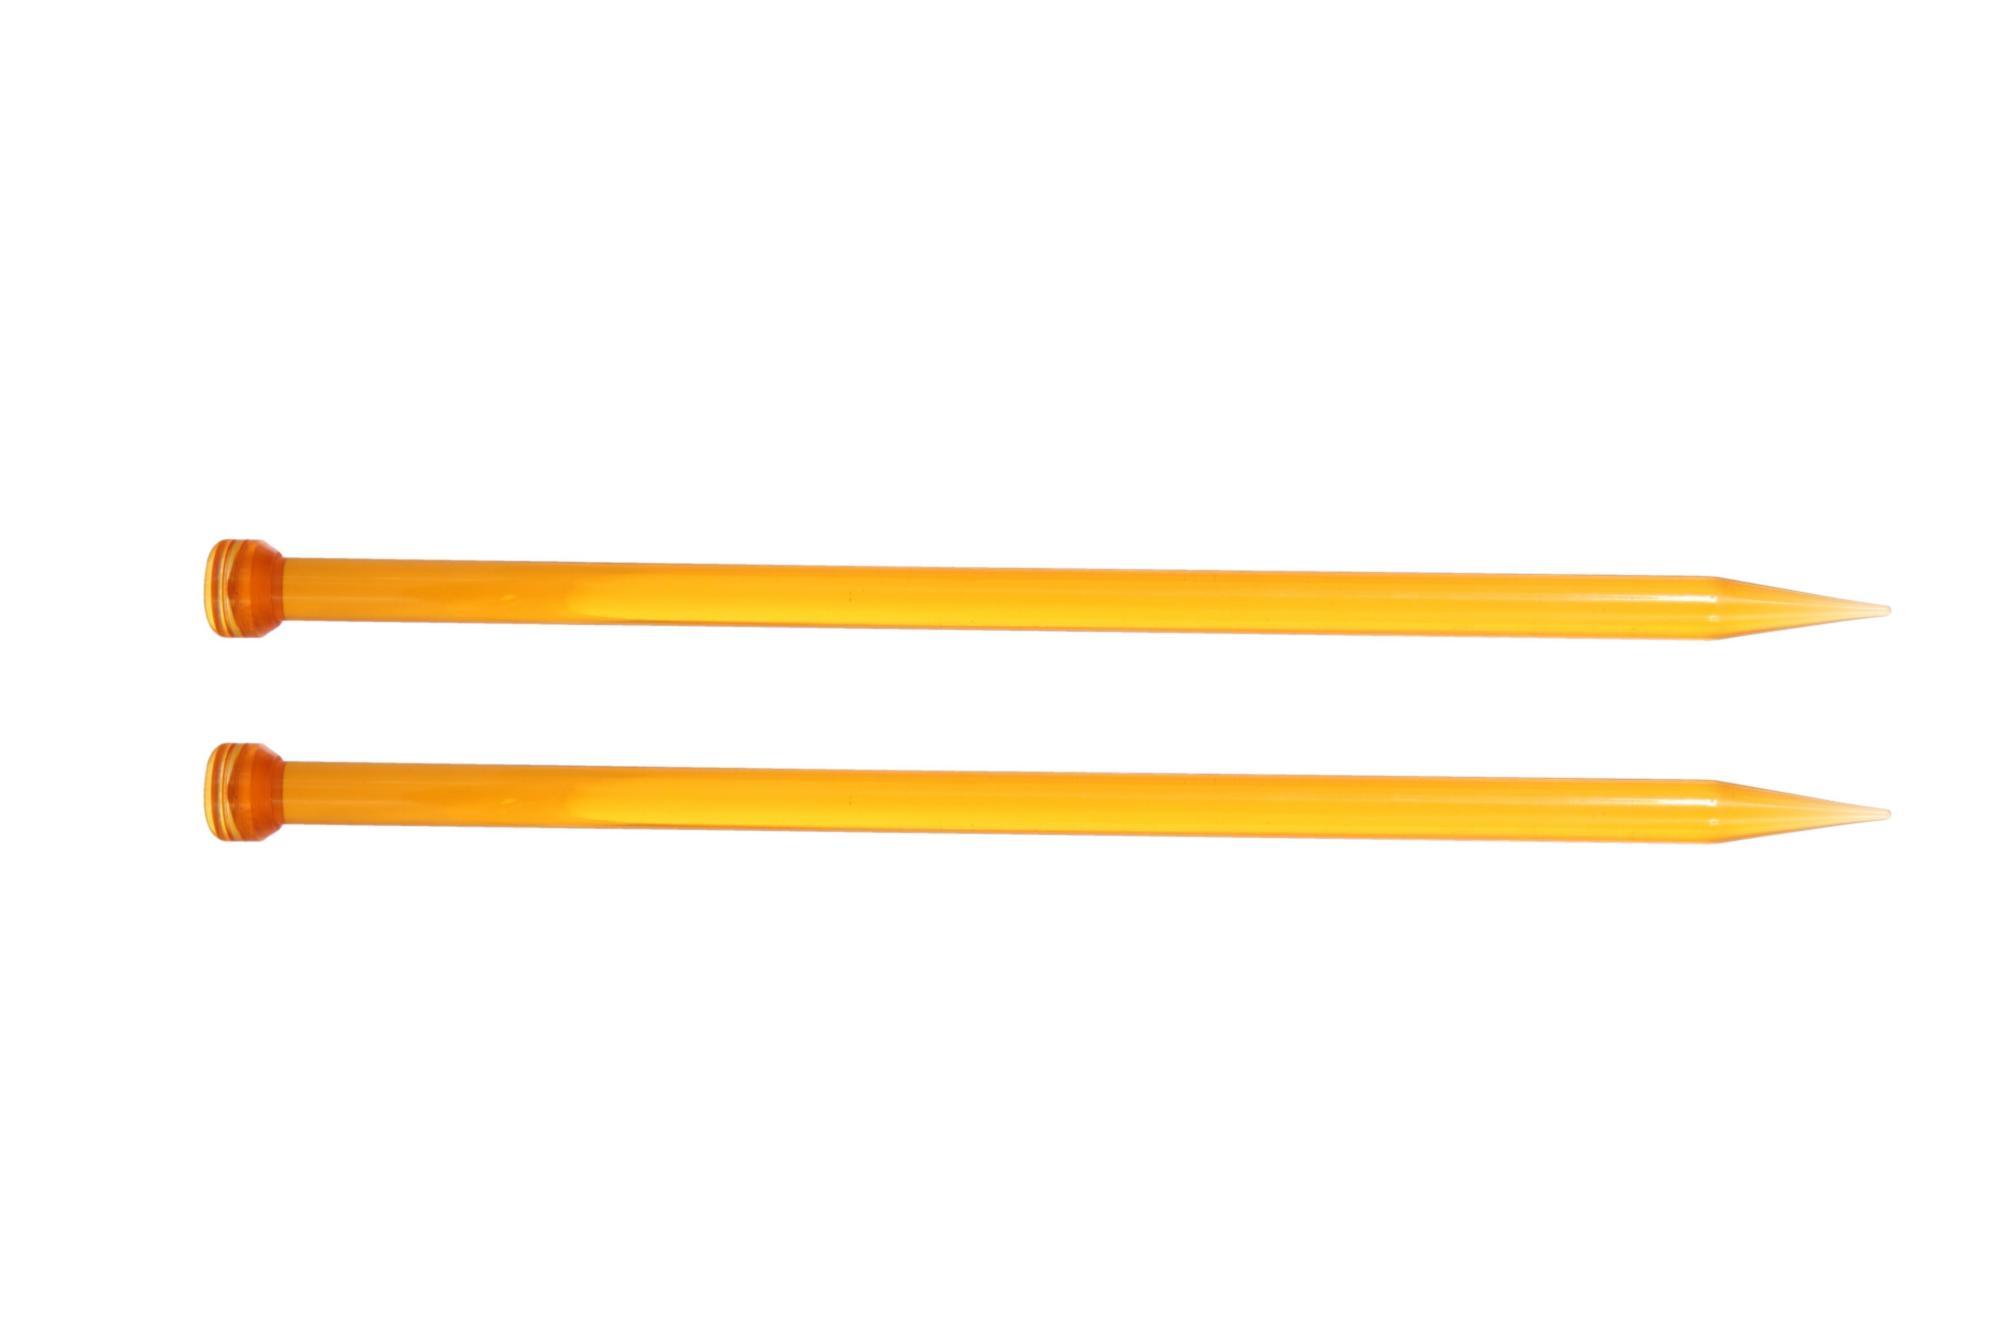 Спицы прямые 30 см Trendz KnitPro, 51200, 10.00 мм